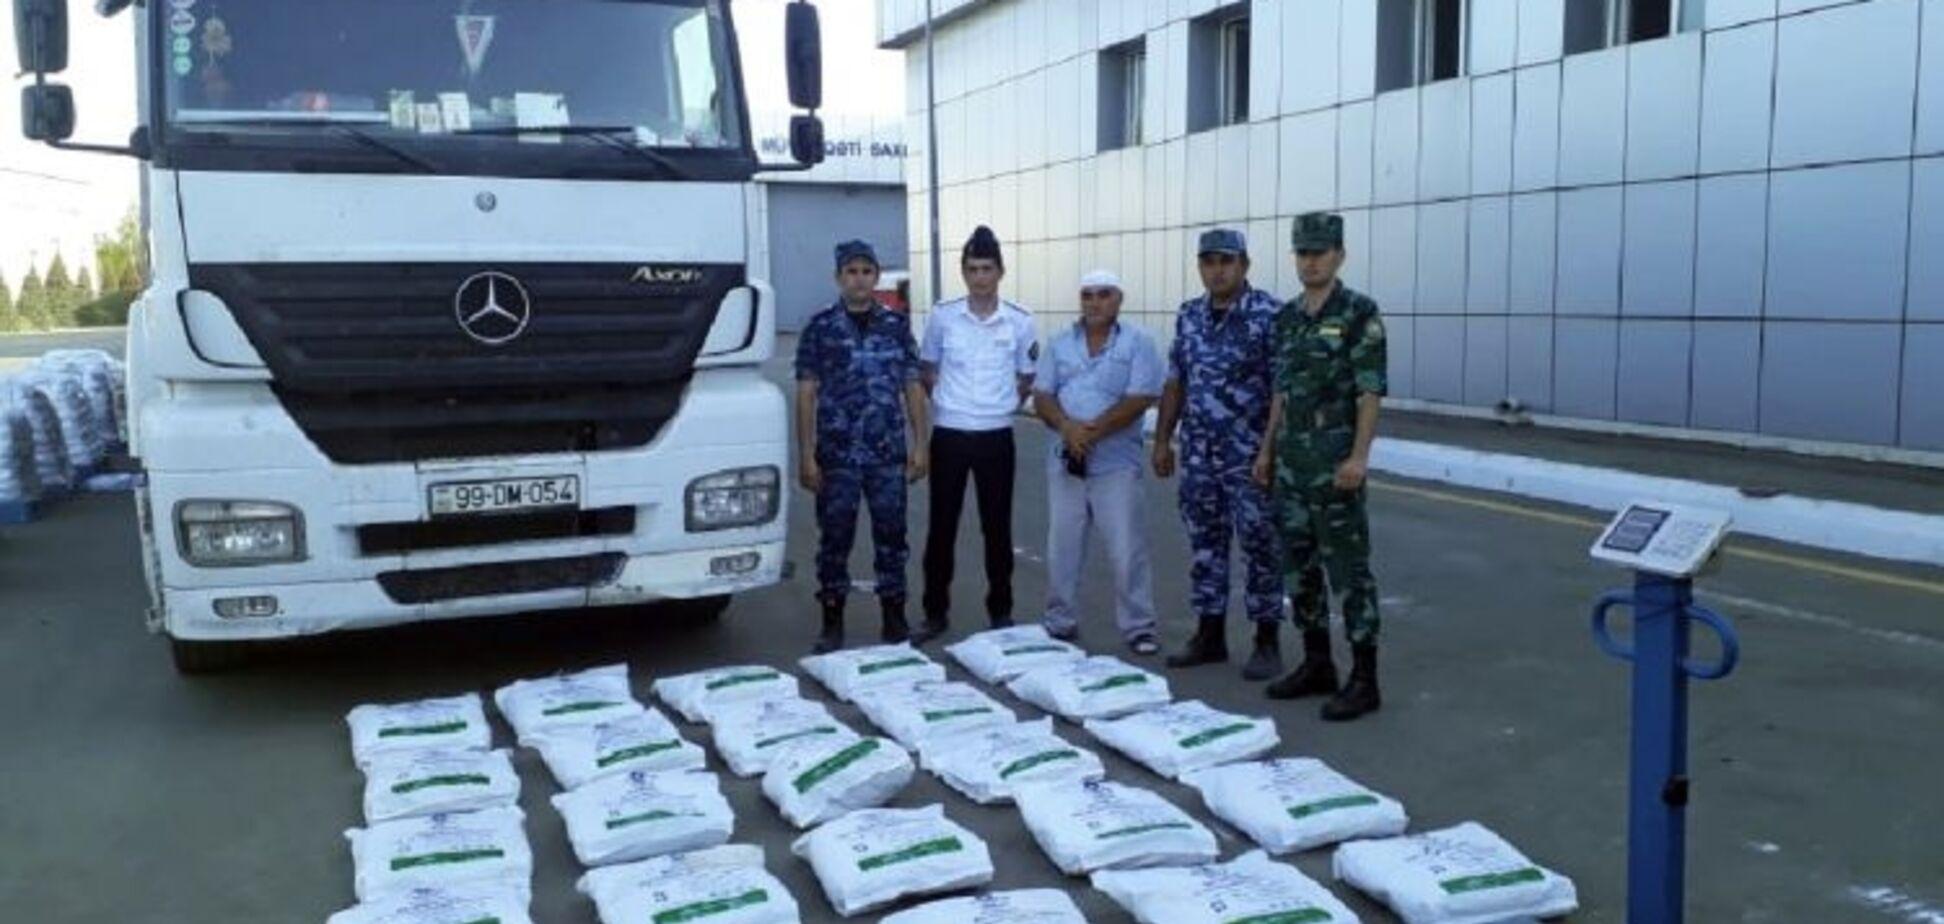 В Азербайджане перехватили фуру с наркотиками для Украины: таможенники выложили фото